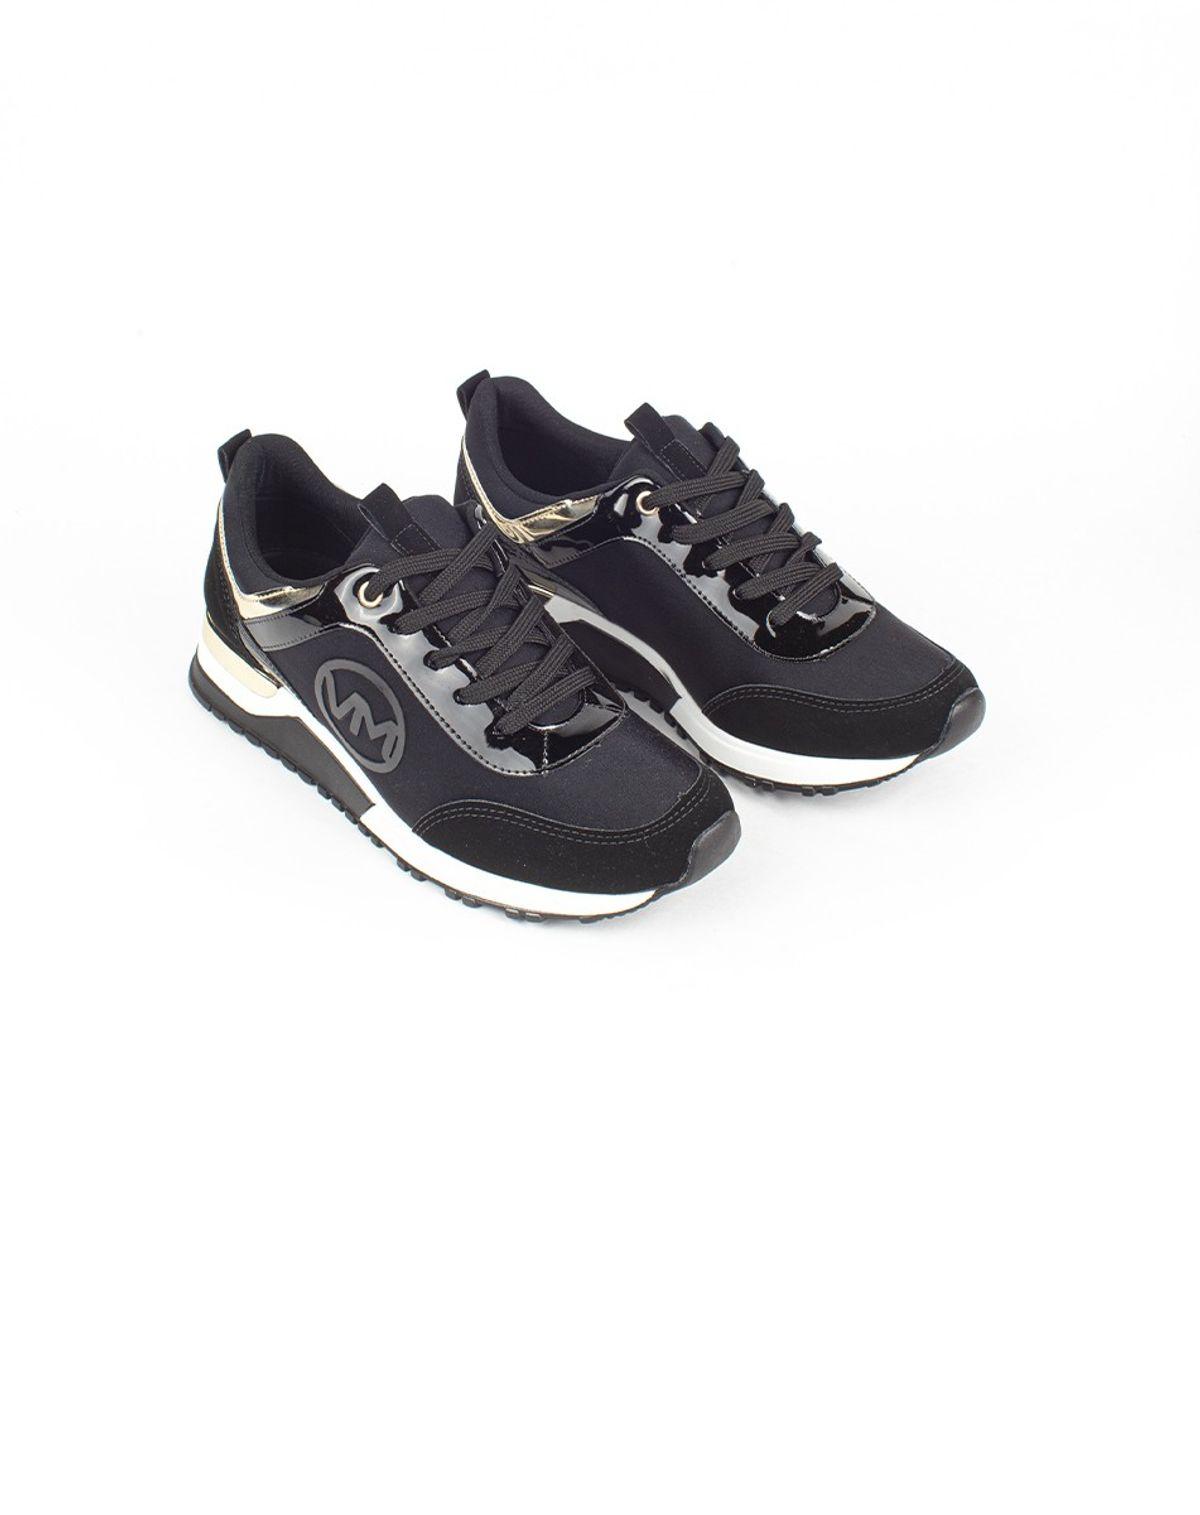 630071029001-Tenis-Sneaker-Feminino-Verniz-Metalizado-Via-Marte-PRETO-33-1